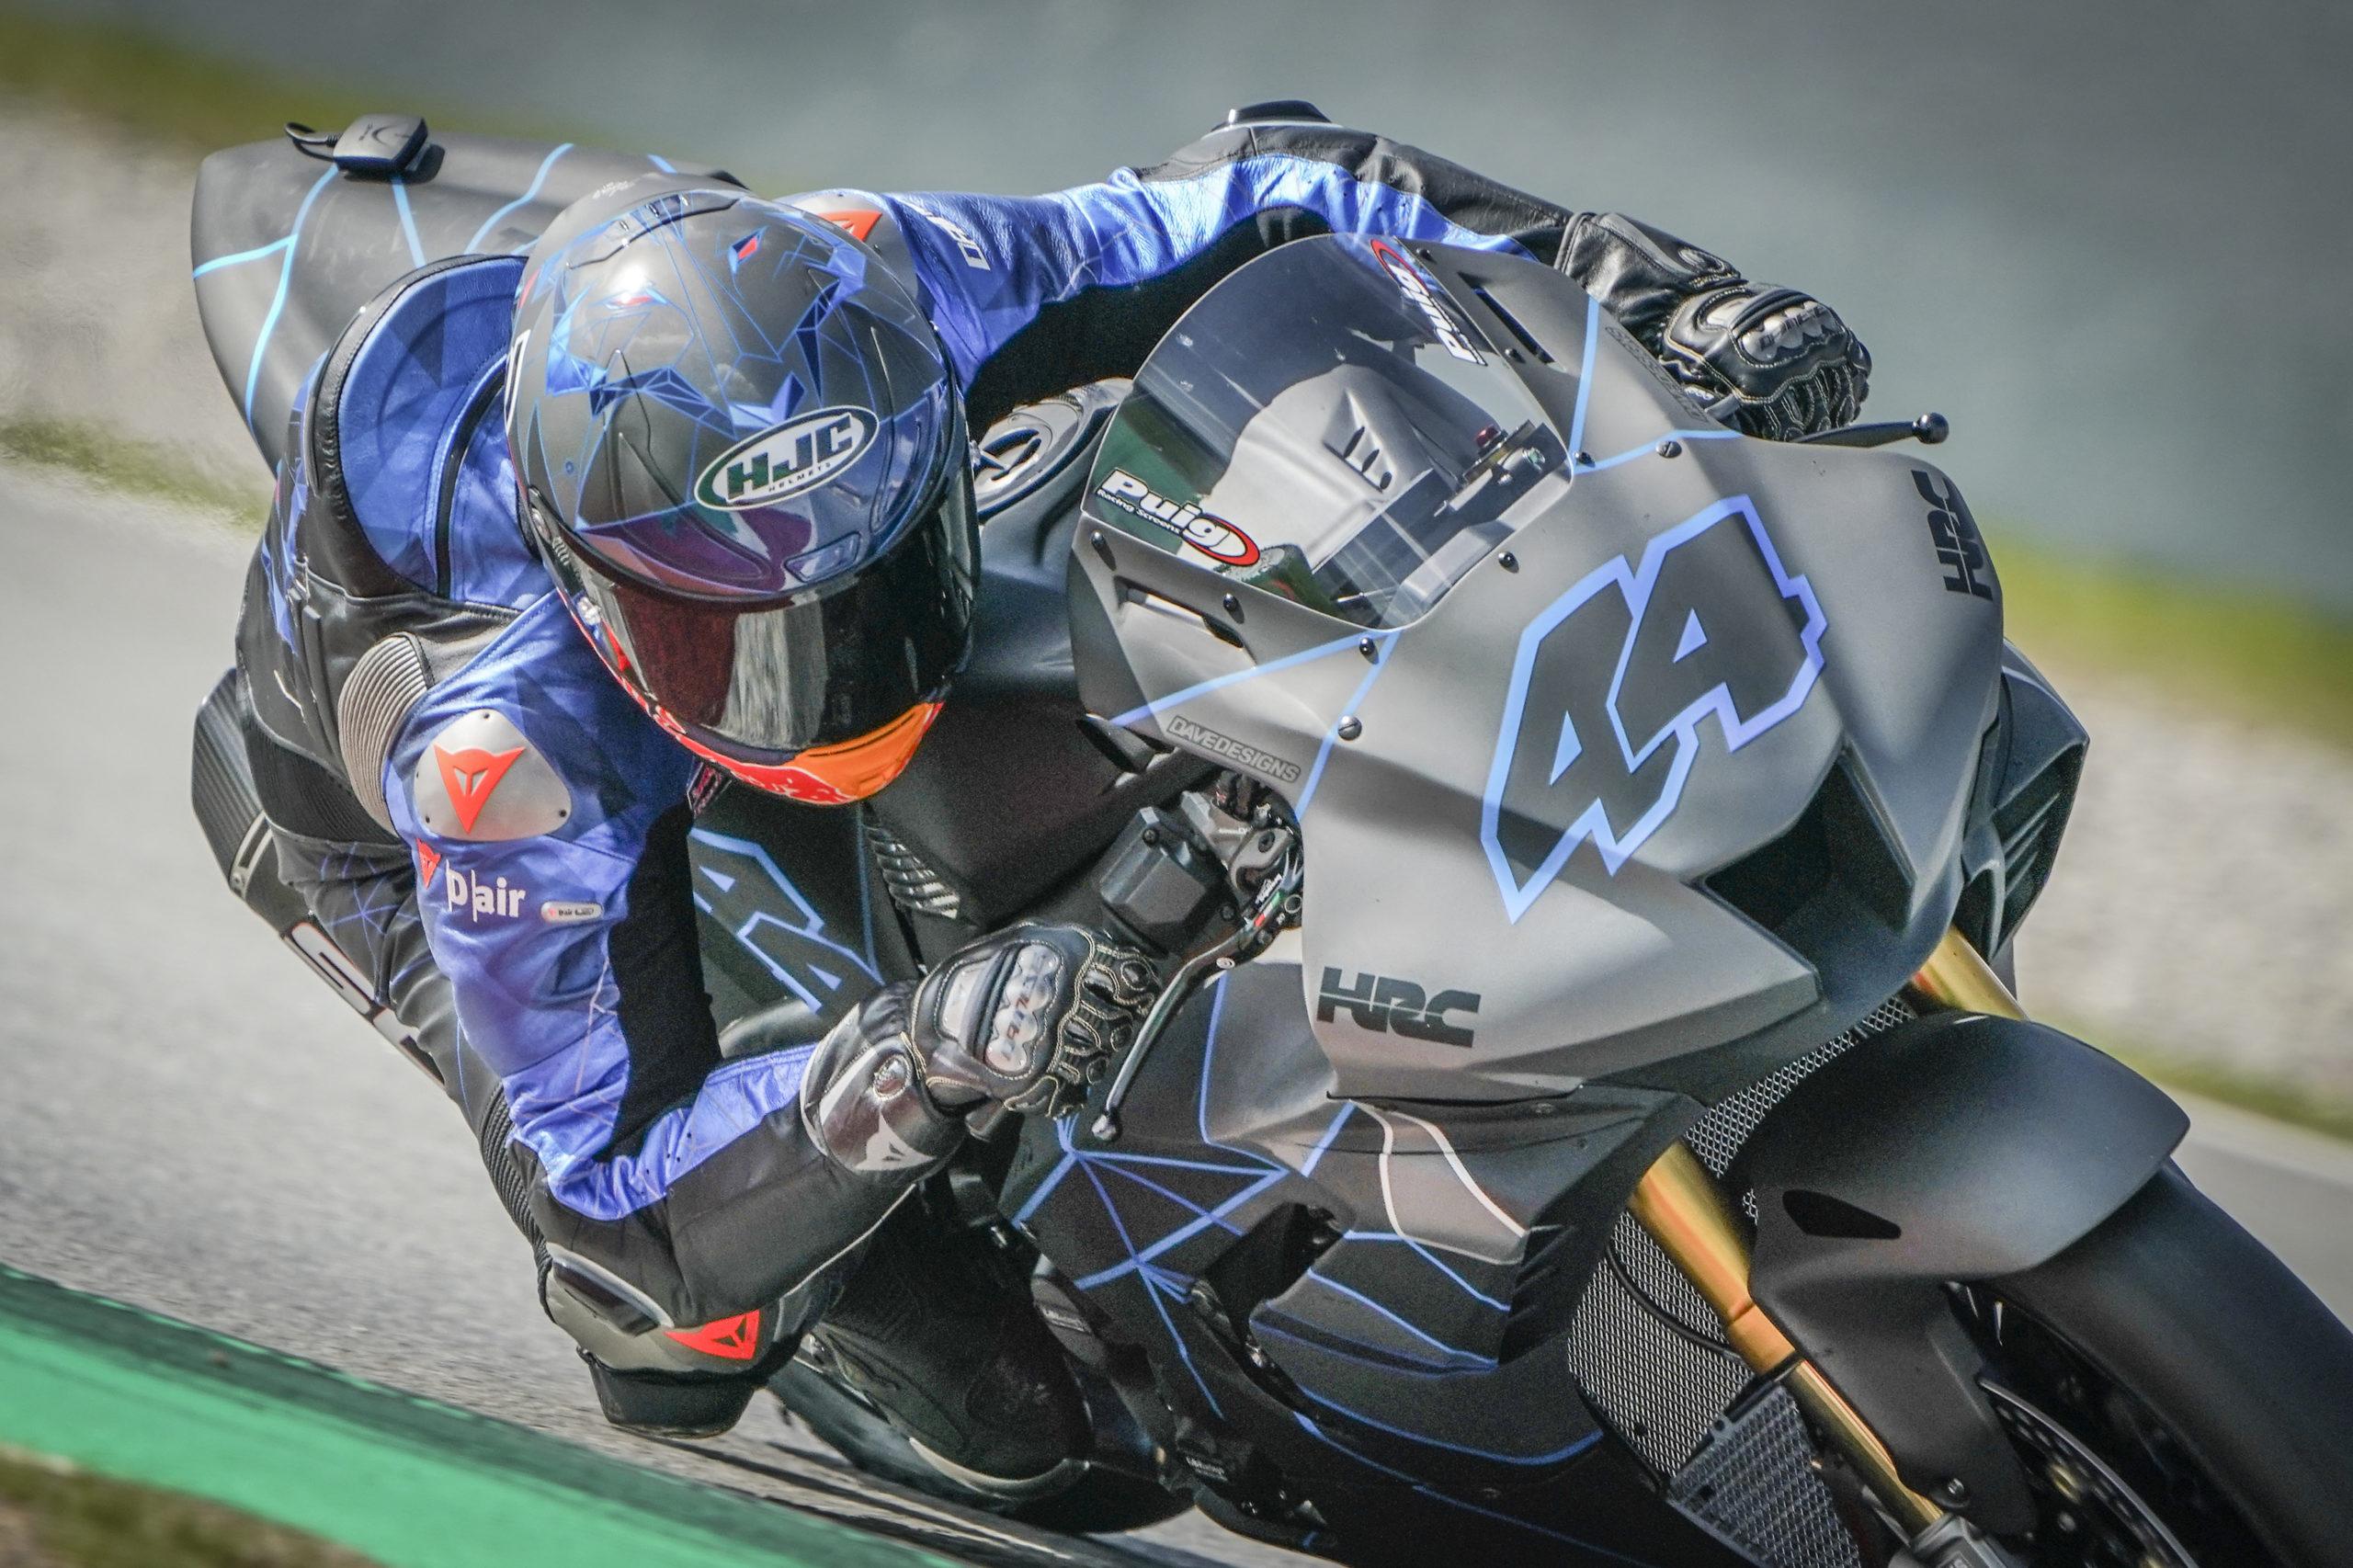 Pol Espargaro, Repsol Honda, entrenamiento pre temporada BCN 2021, MotoGP